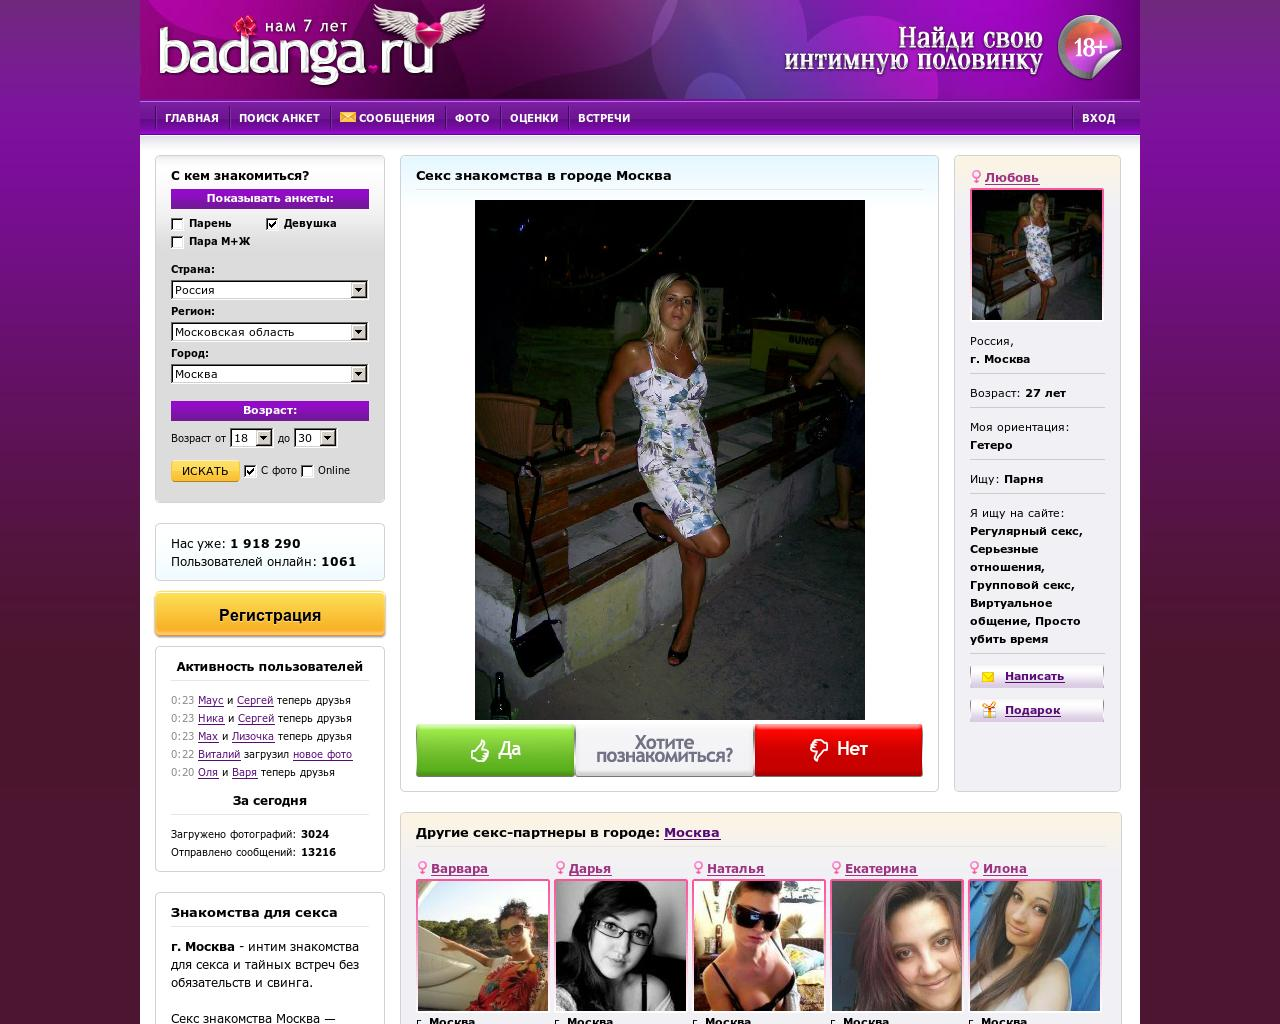 Сайт интимных знакомств по гороскопу ответ